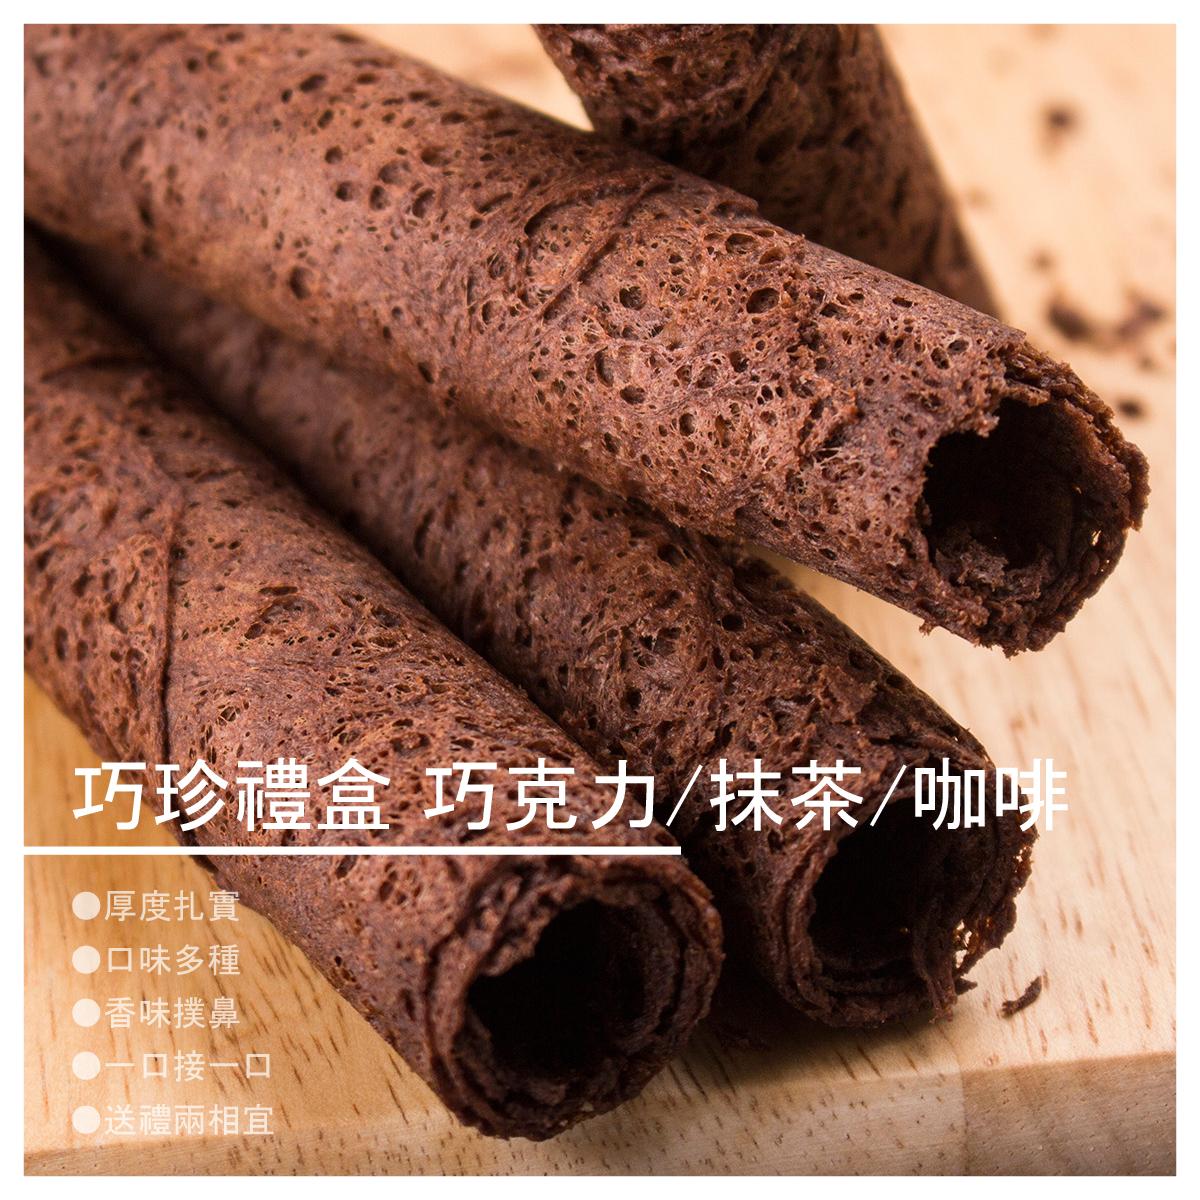 【采軒手工蛋捲】巧珍禮盒 巧克力/抹茶/咖啡 160g/8支/盒